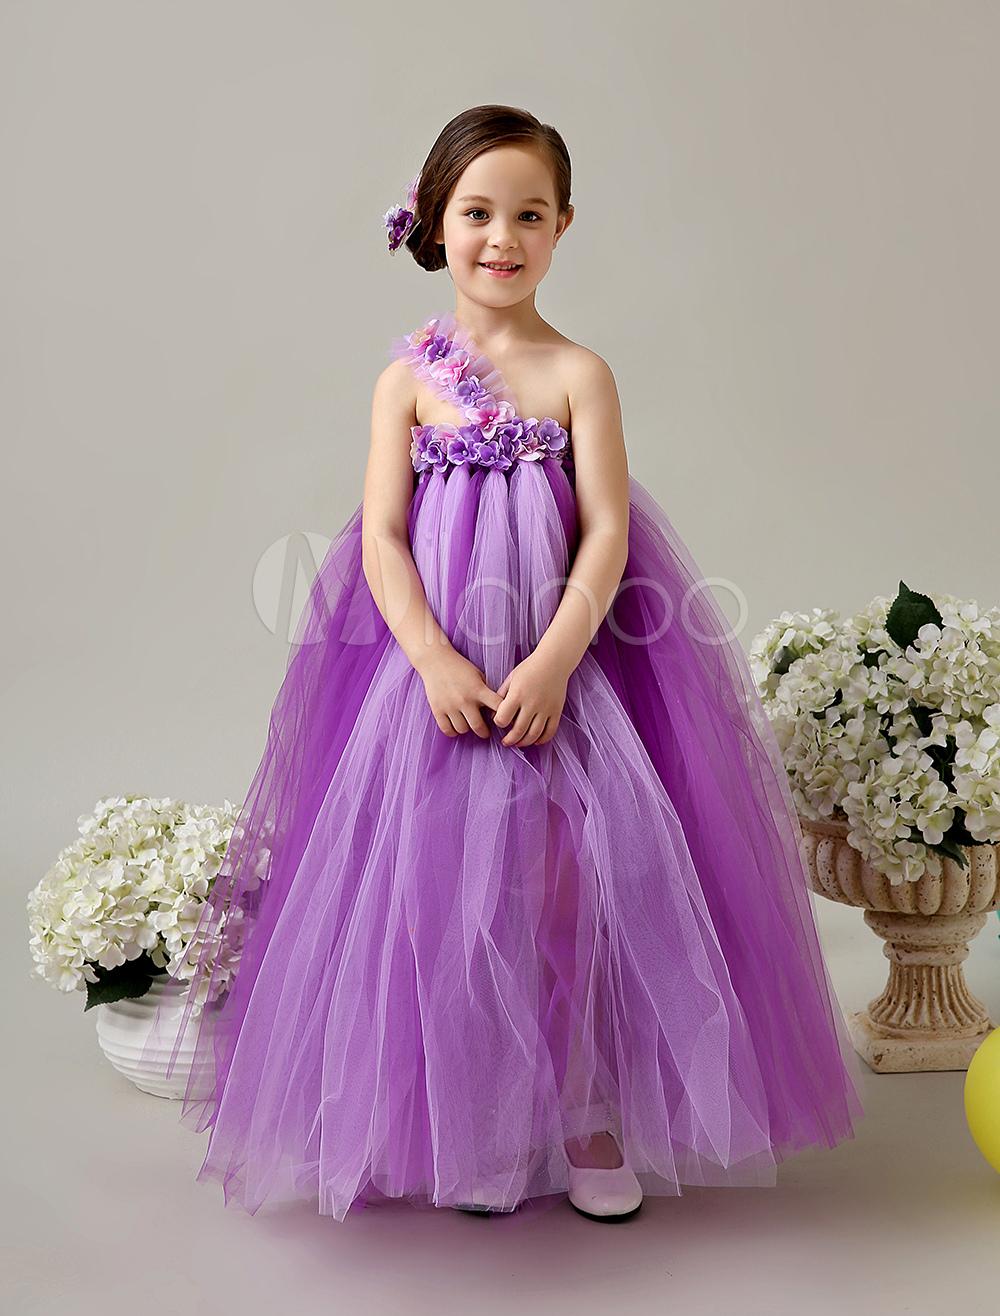 Excepcional Vestidos De Dama De Estampado Floral Ornamento - Vestido ...